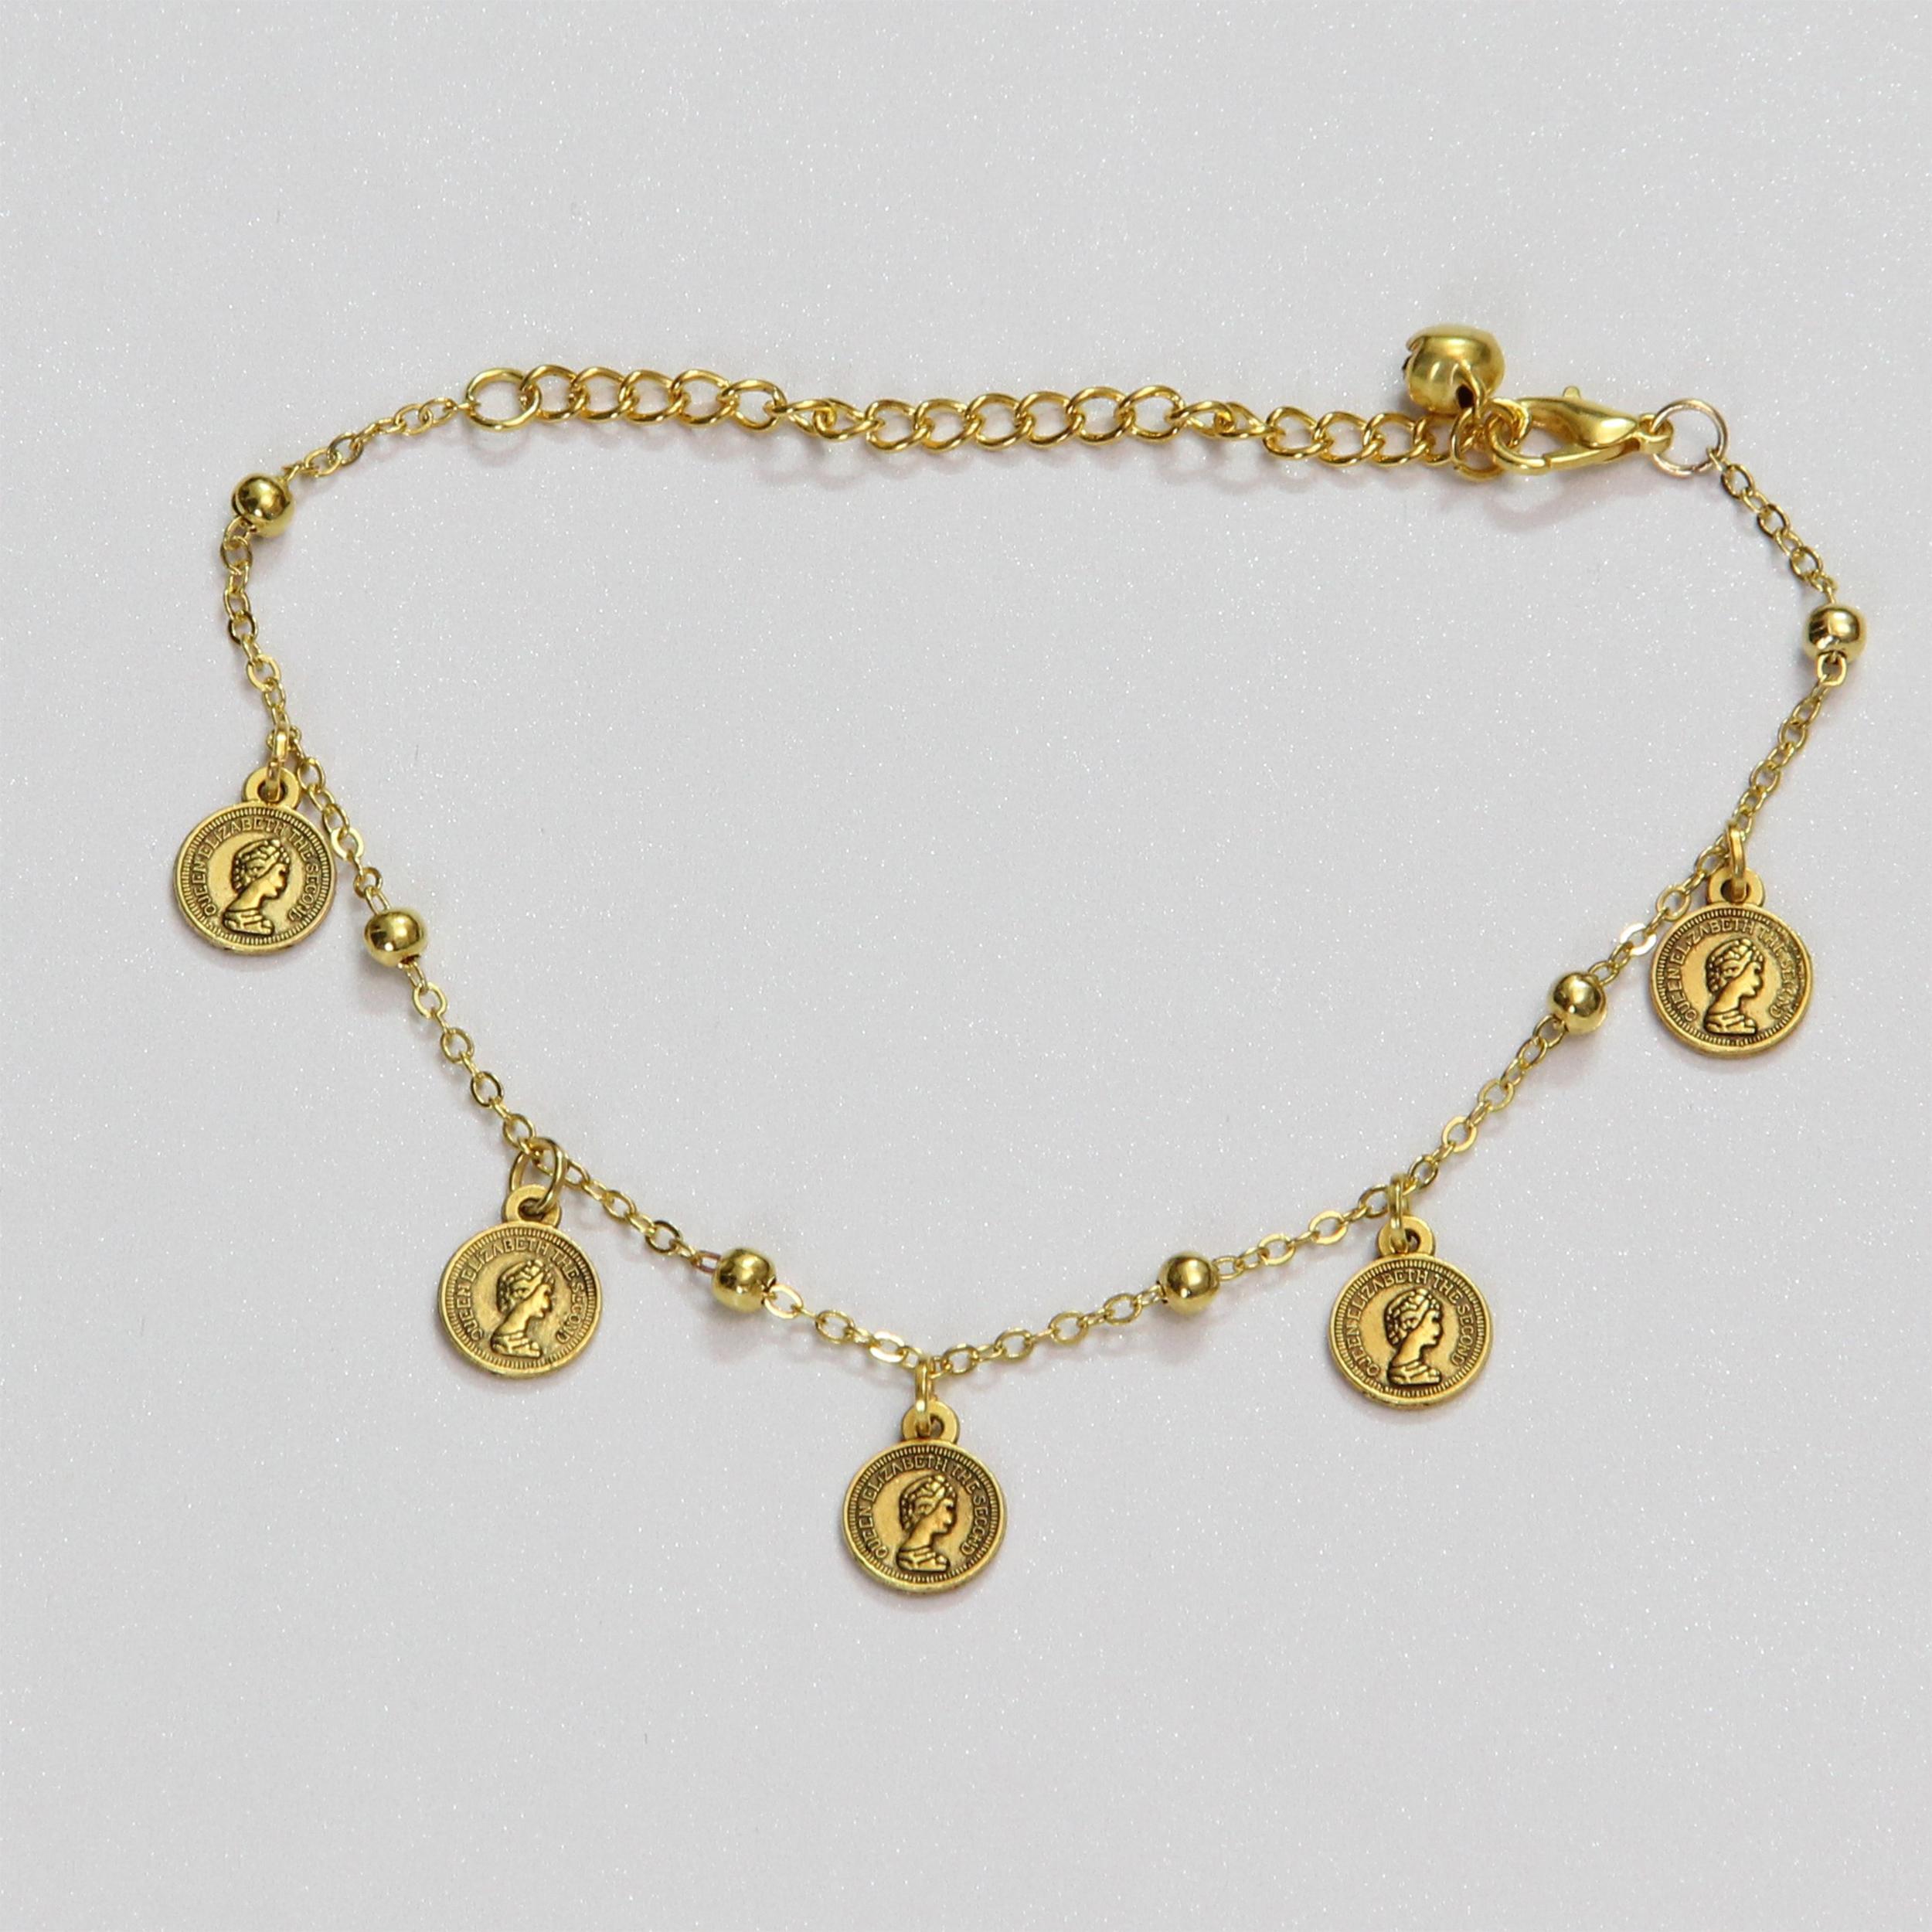 پابند زنانه مدل سکه الیزابت کد HN1702